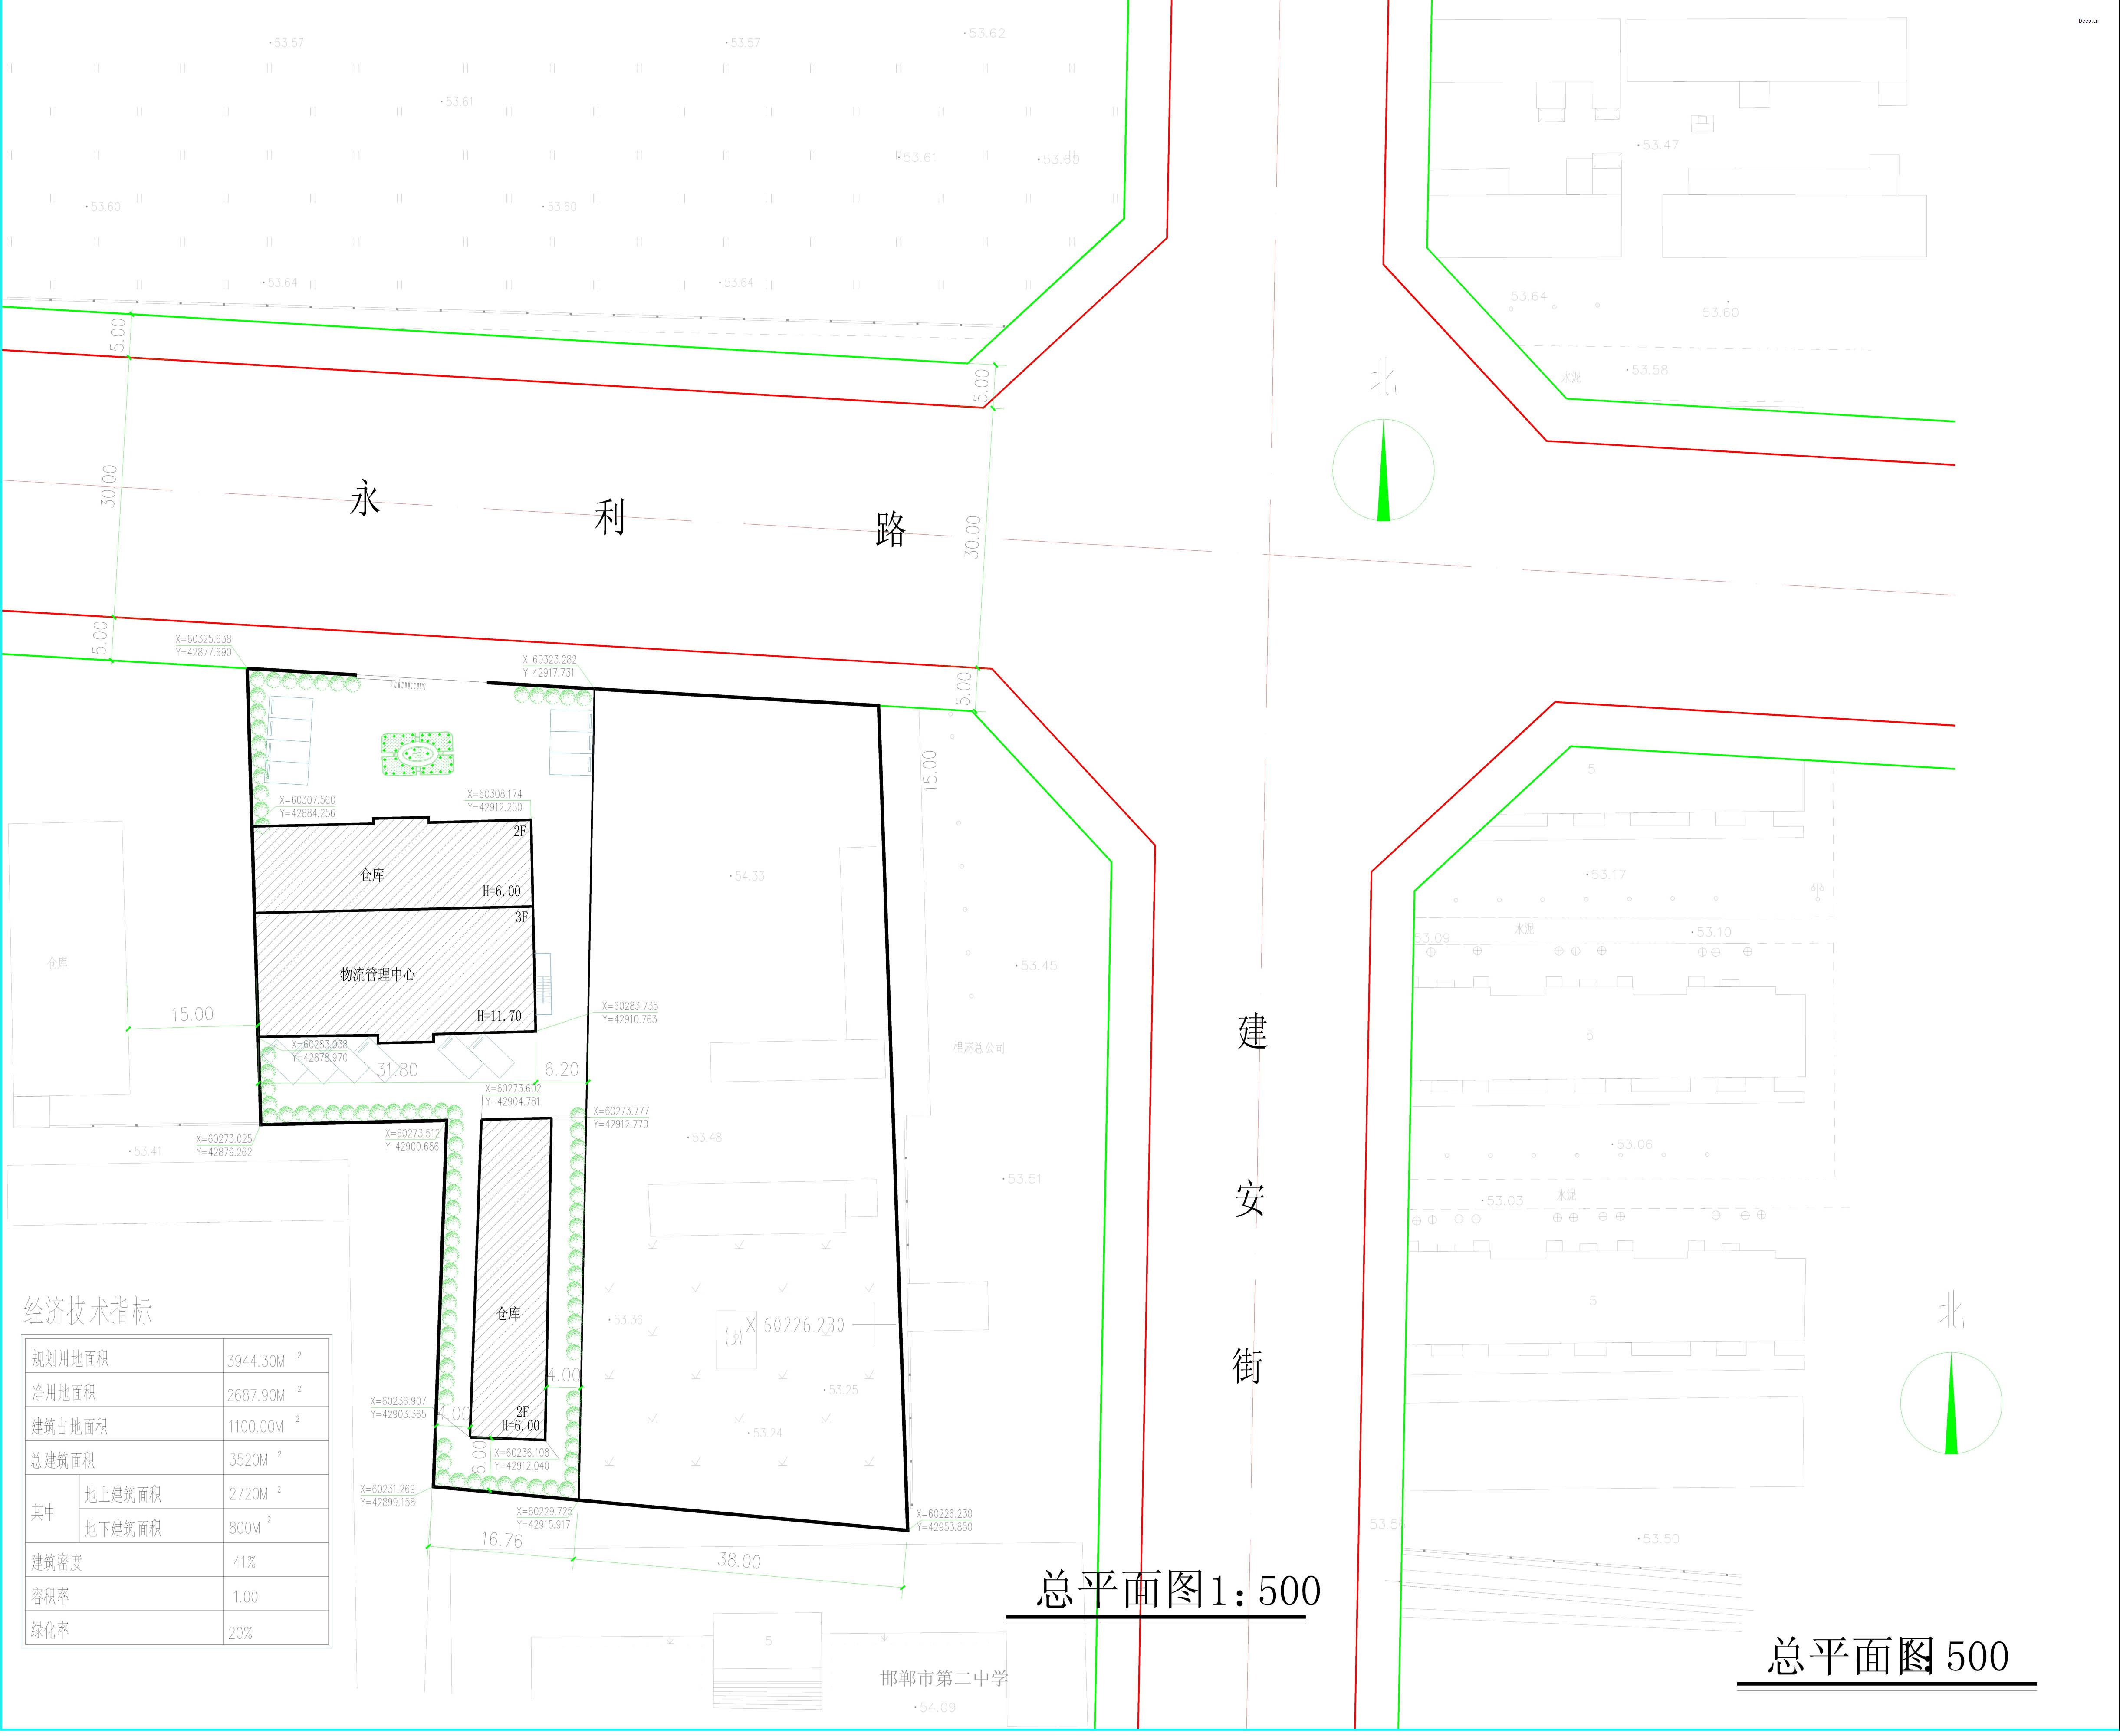 附:建设工程设计方案总平面图